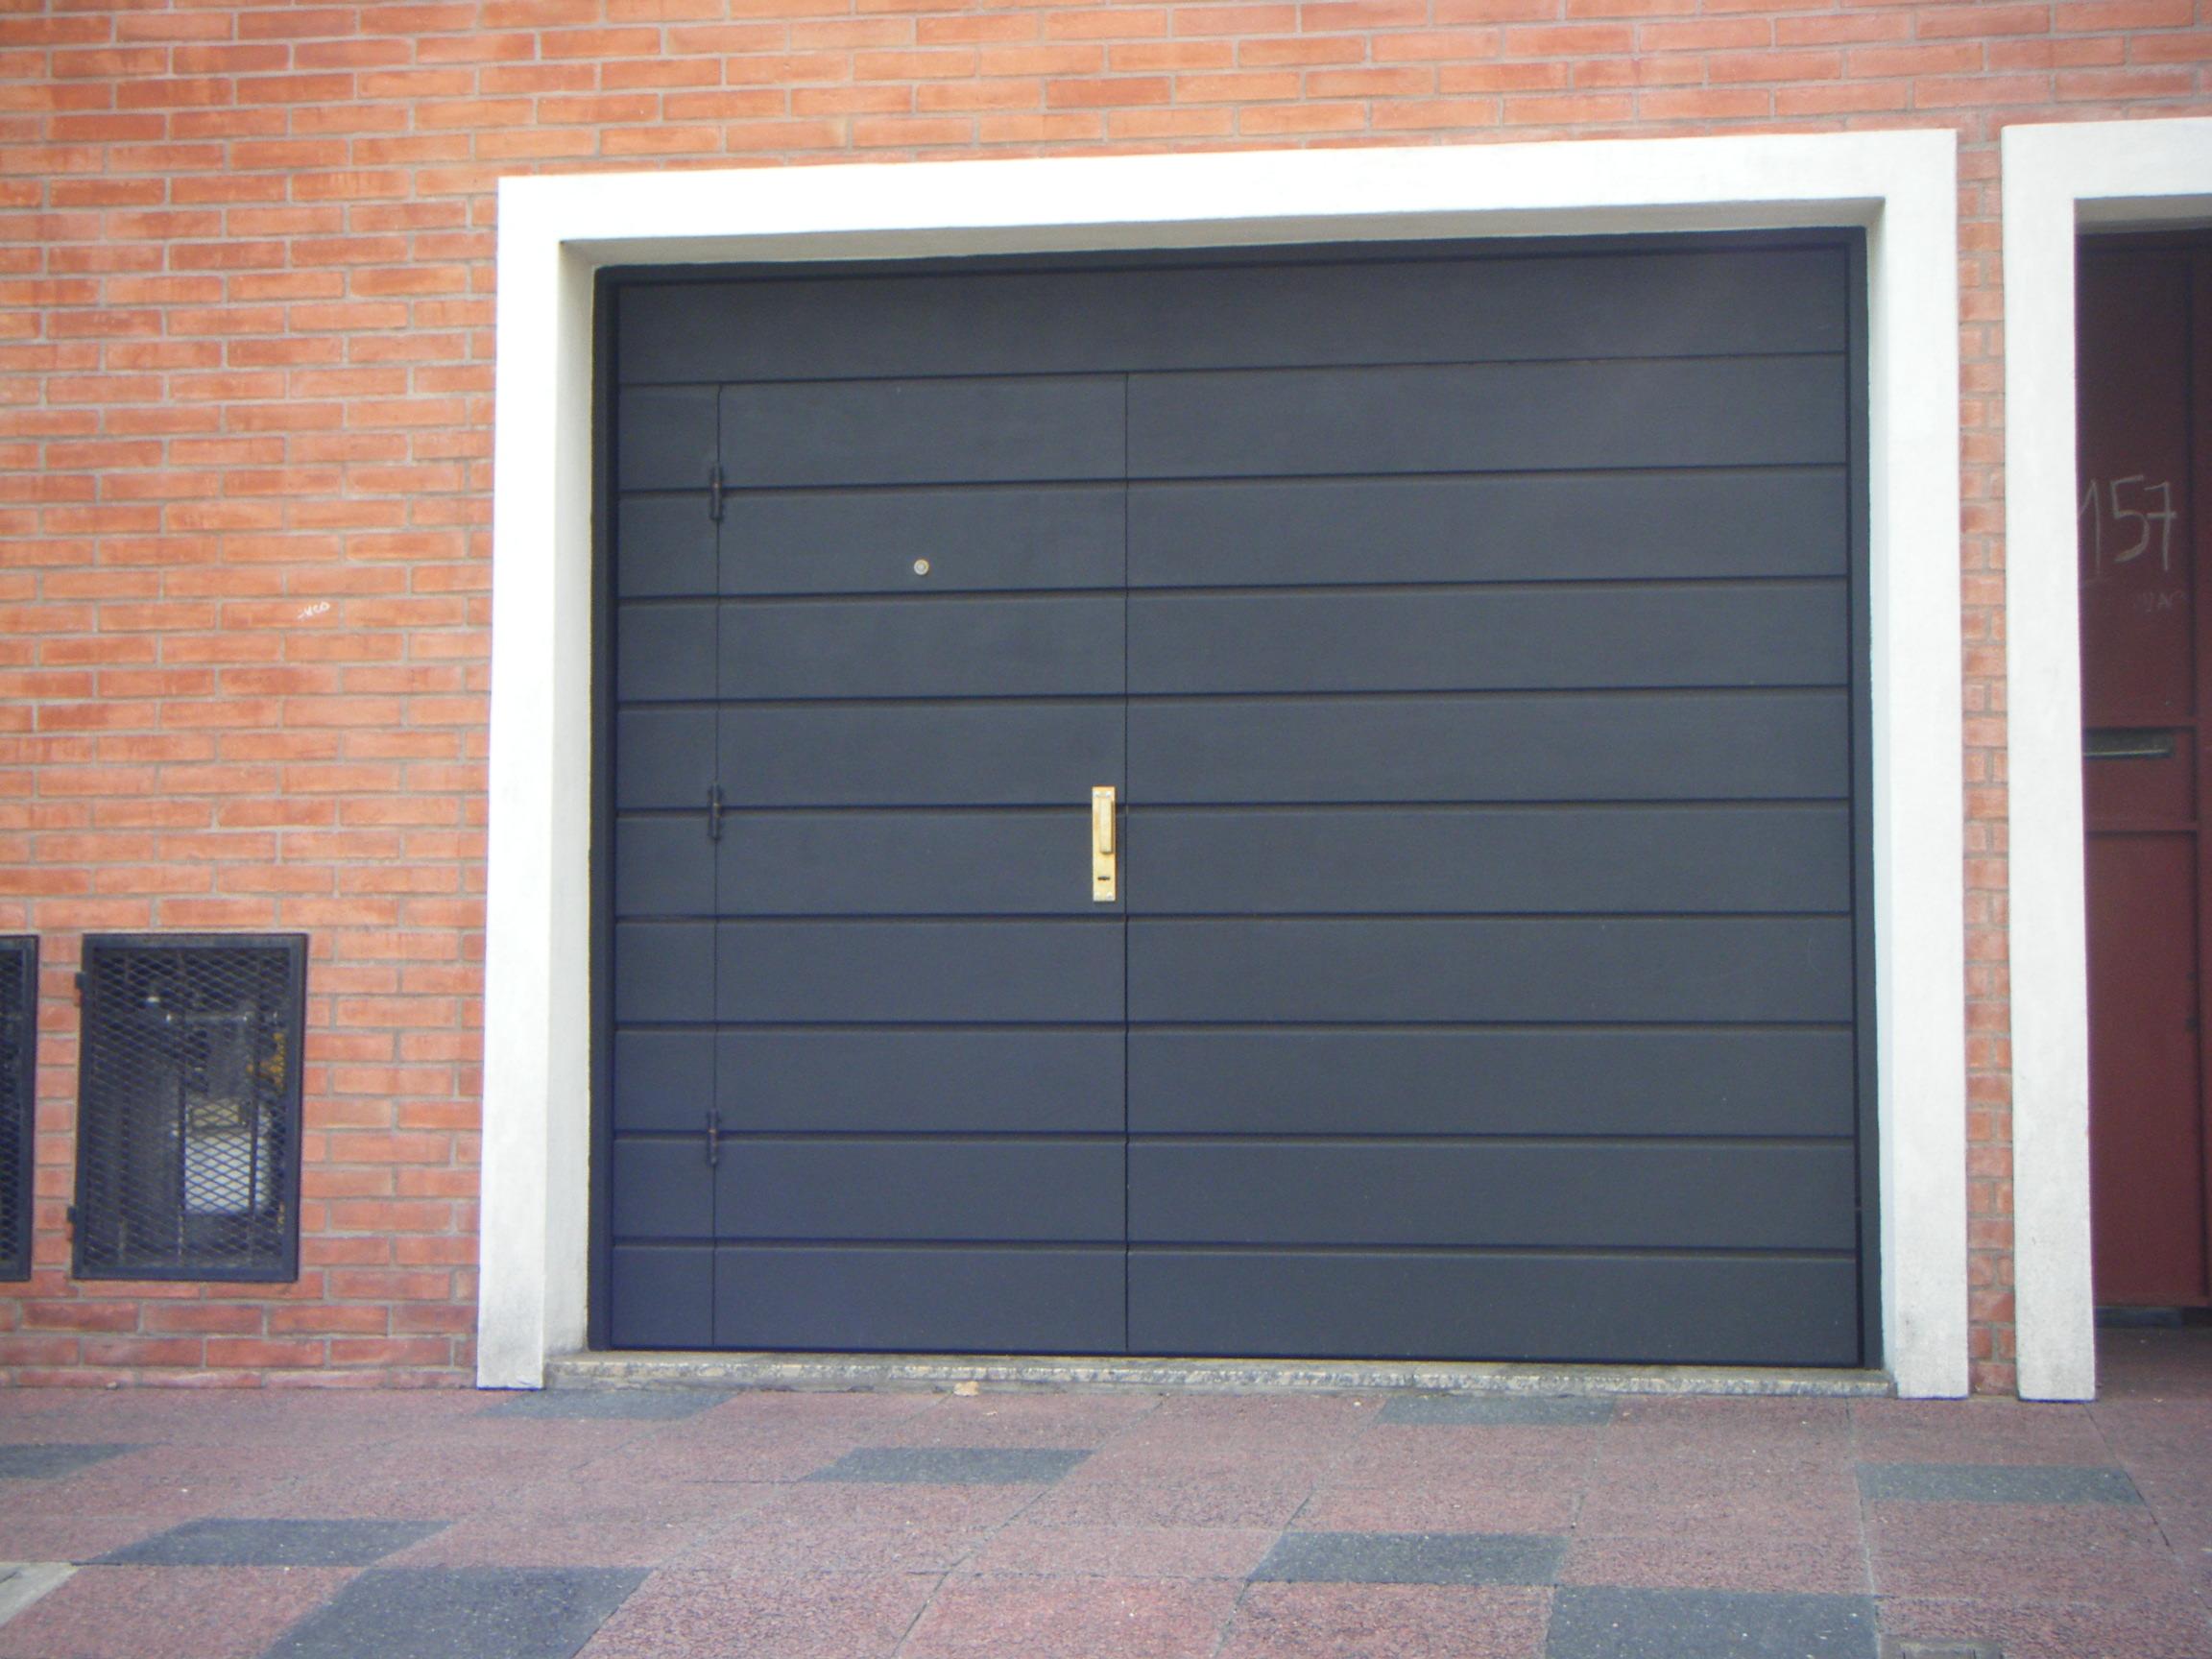 Puertas metalicas medidas for Puertas metalicas